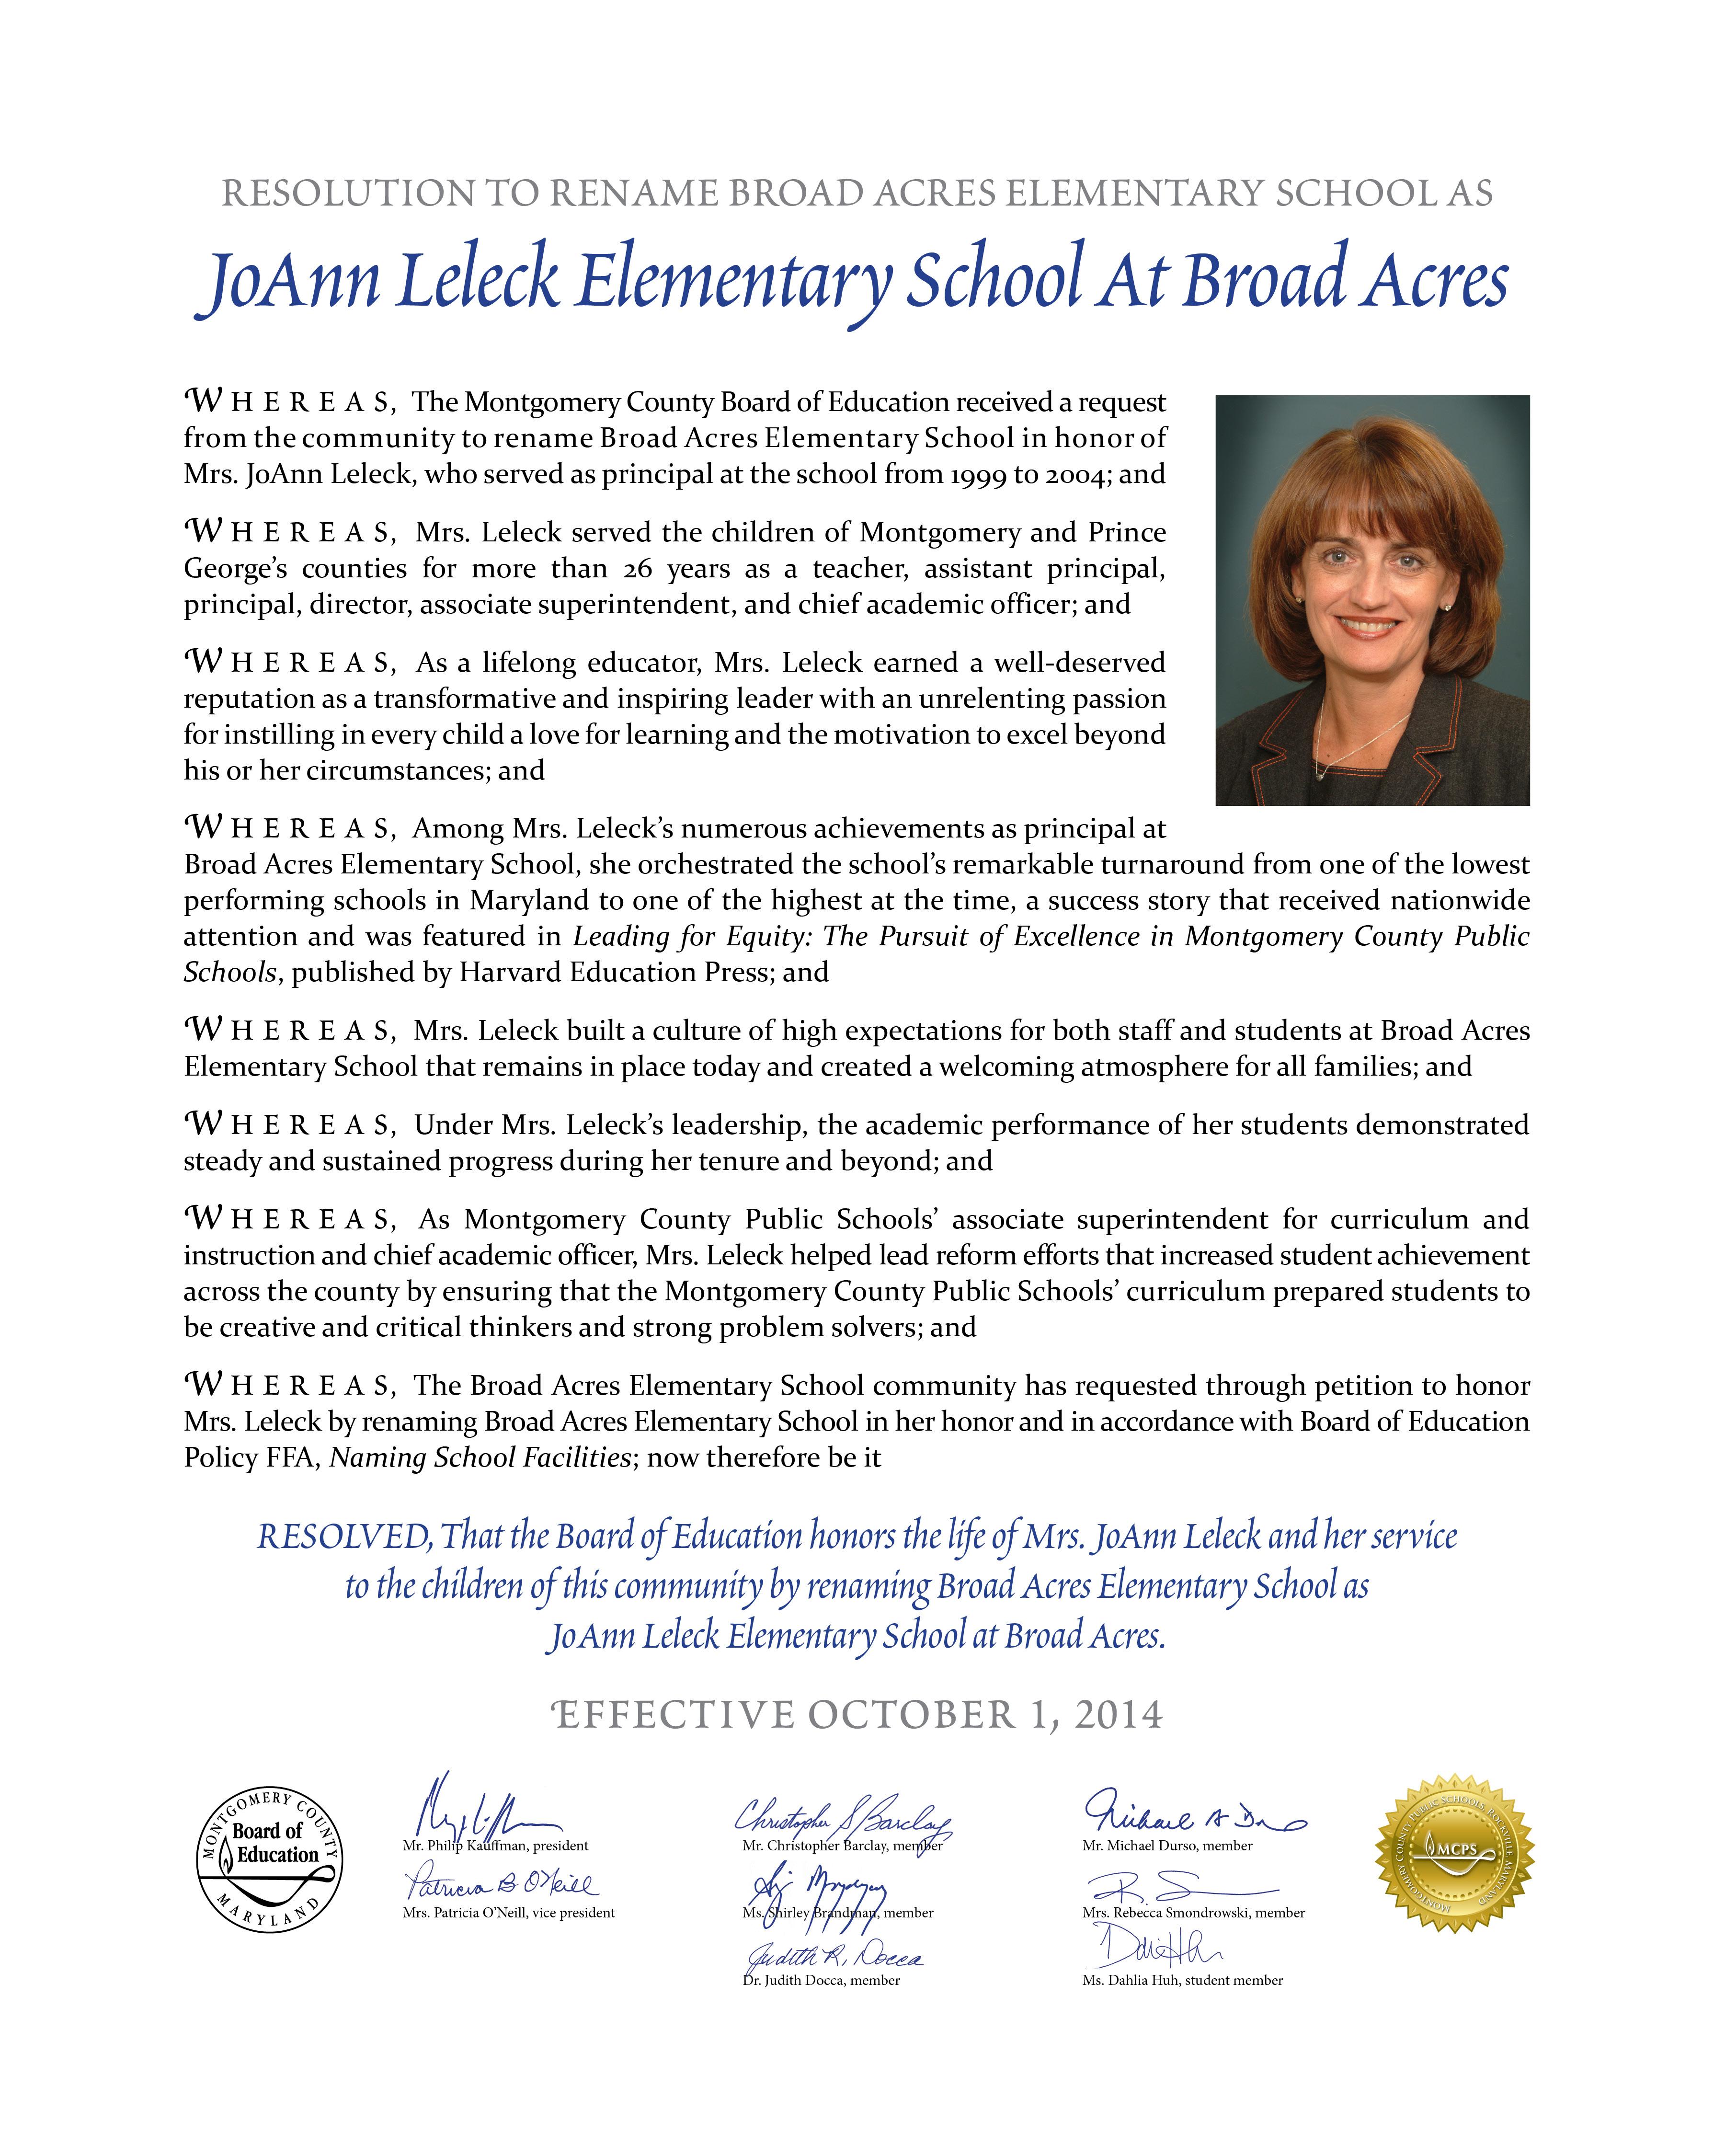 Renamin resolution for JoAnn Leleck Elementary